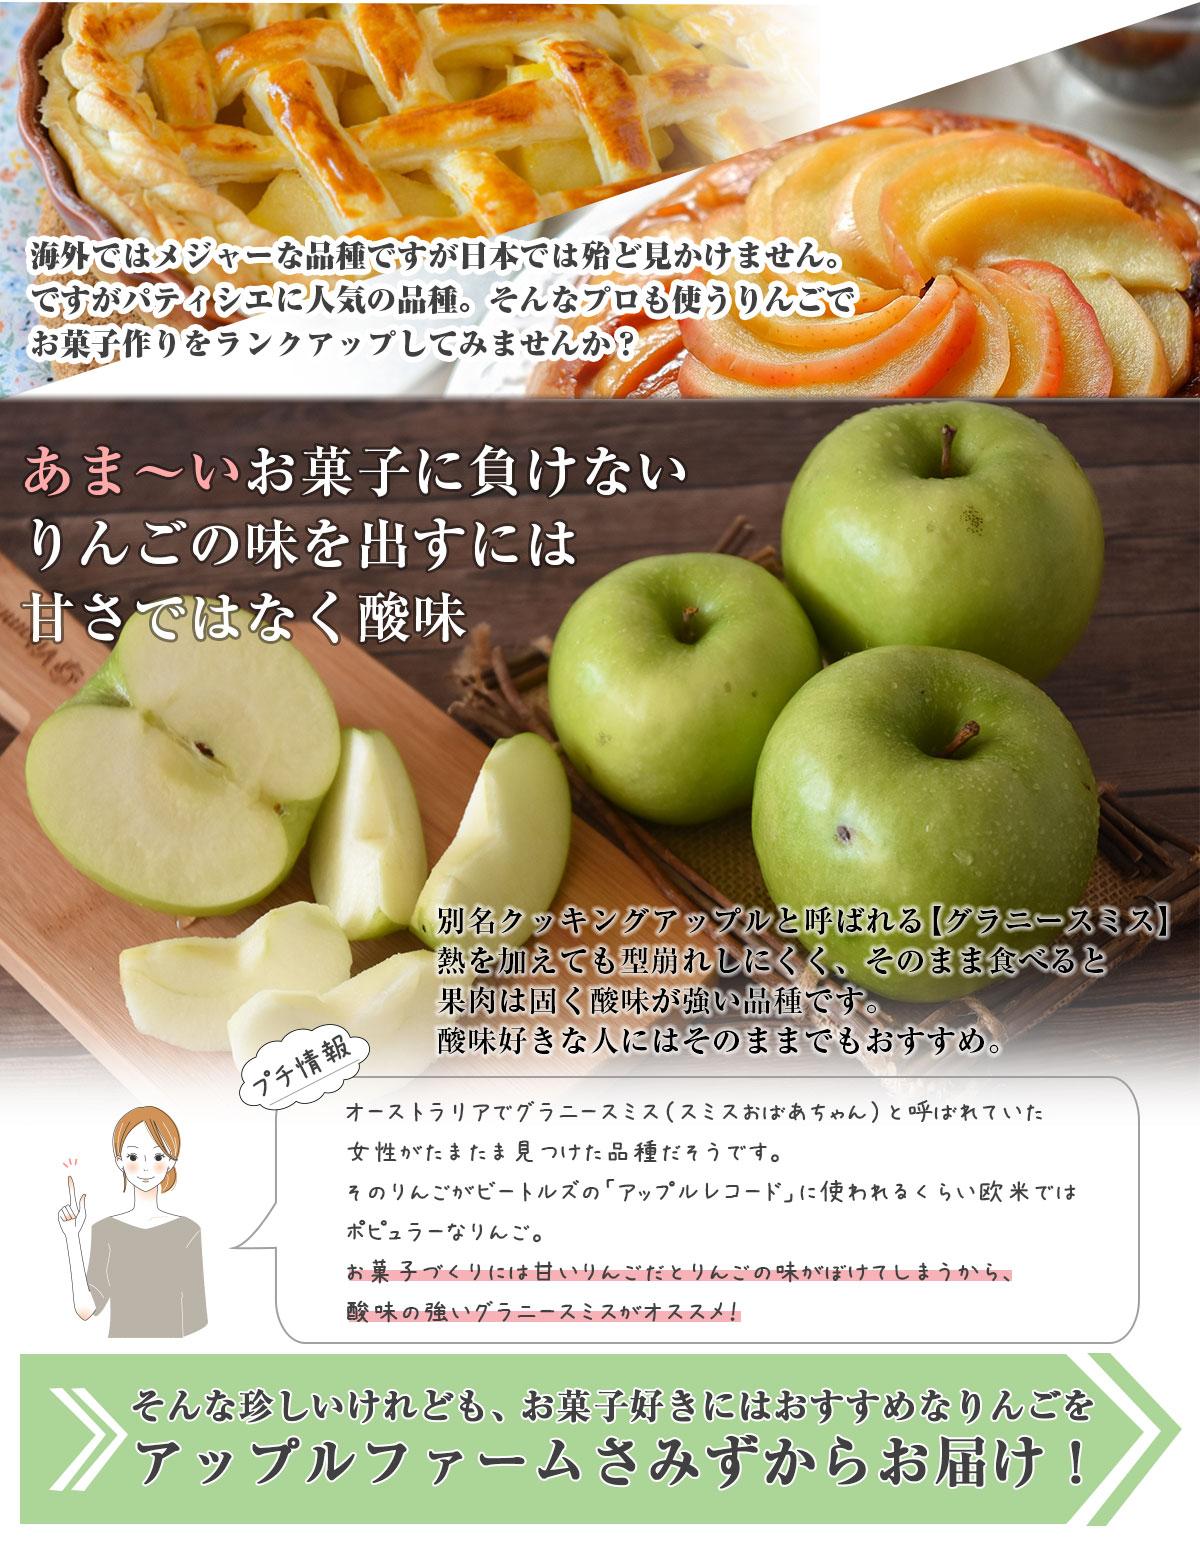 長野県産 りんご グラニースミス 5kg 特別栽培農産物 訳あり